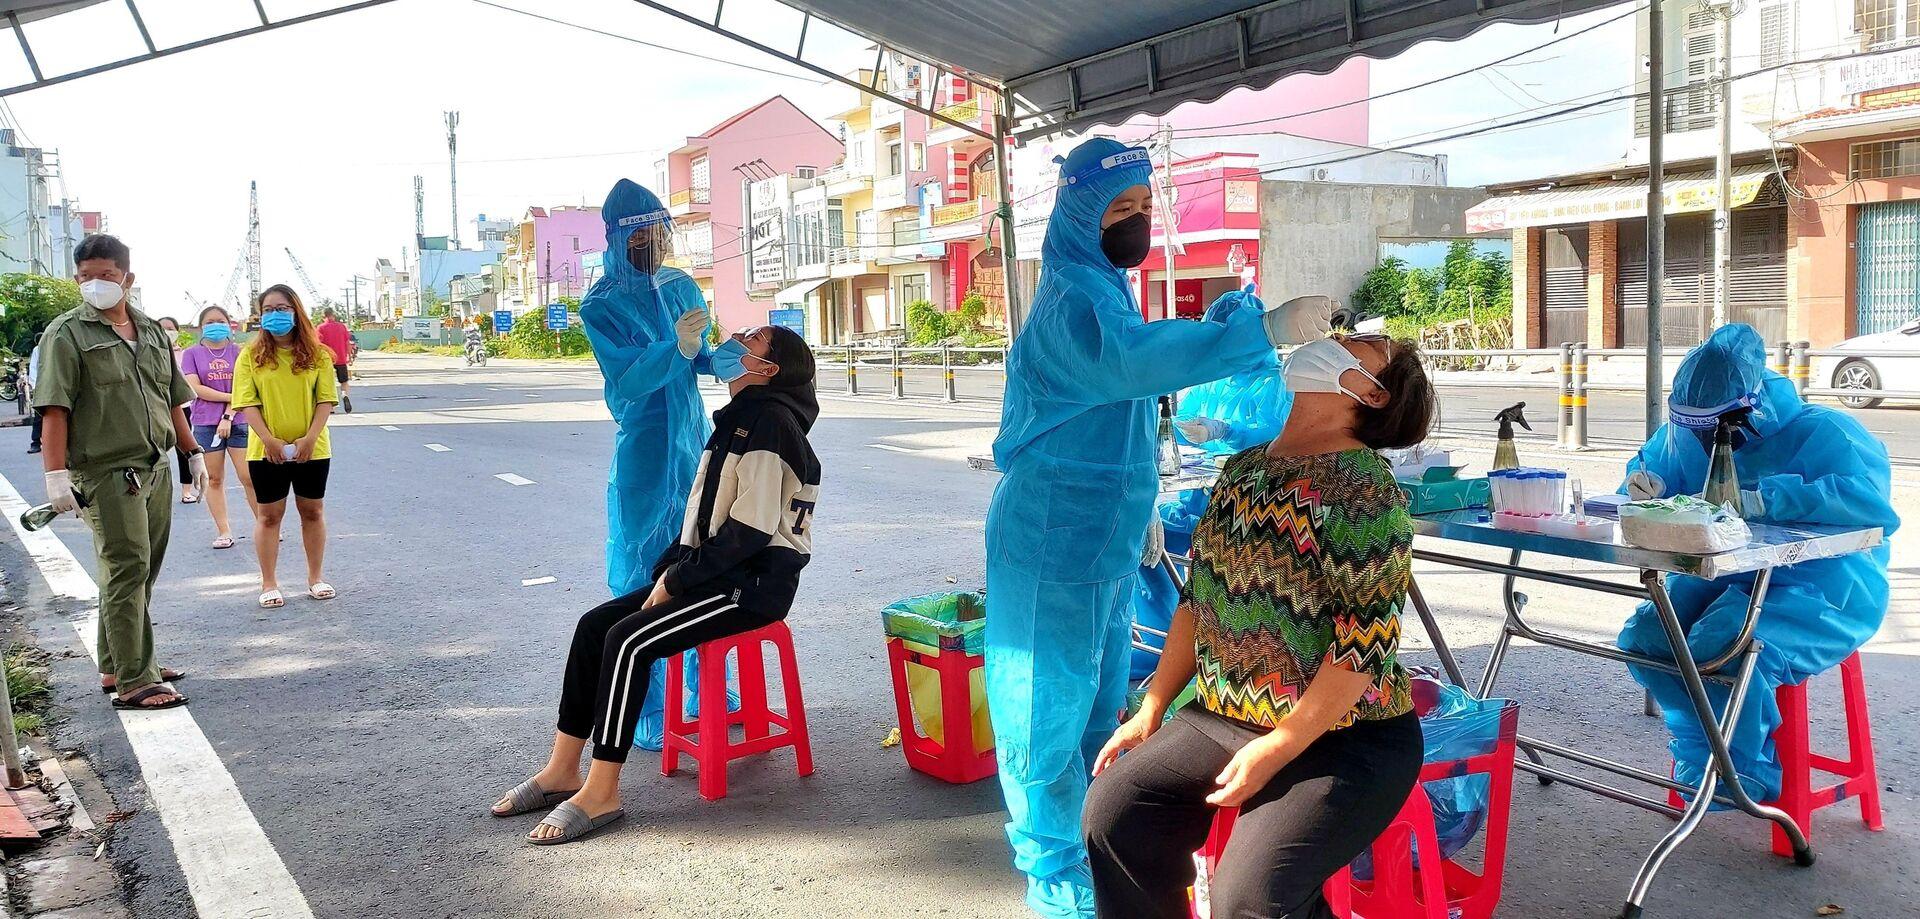 Lực lượng y tế thành phố Cần Thơ tiếp tục truy vết, lấy mẫu xét nghiệm để bóc tách F0 ra khỏi cộng đồng, sớm làm sạch địa bàn - Sputnik Việt Nam, 1920, 05.10.2021